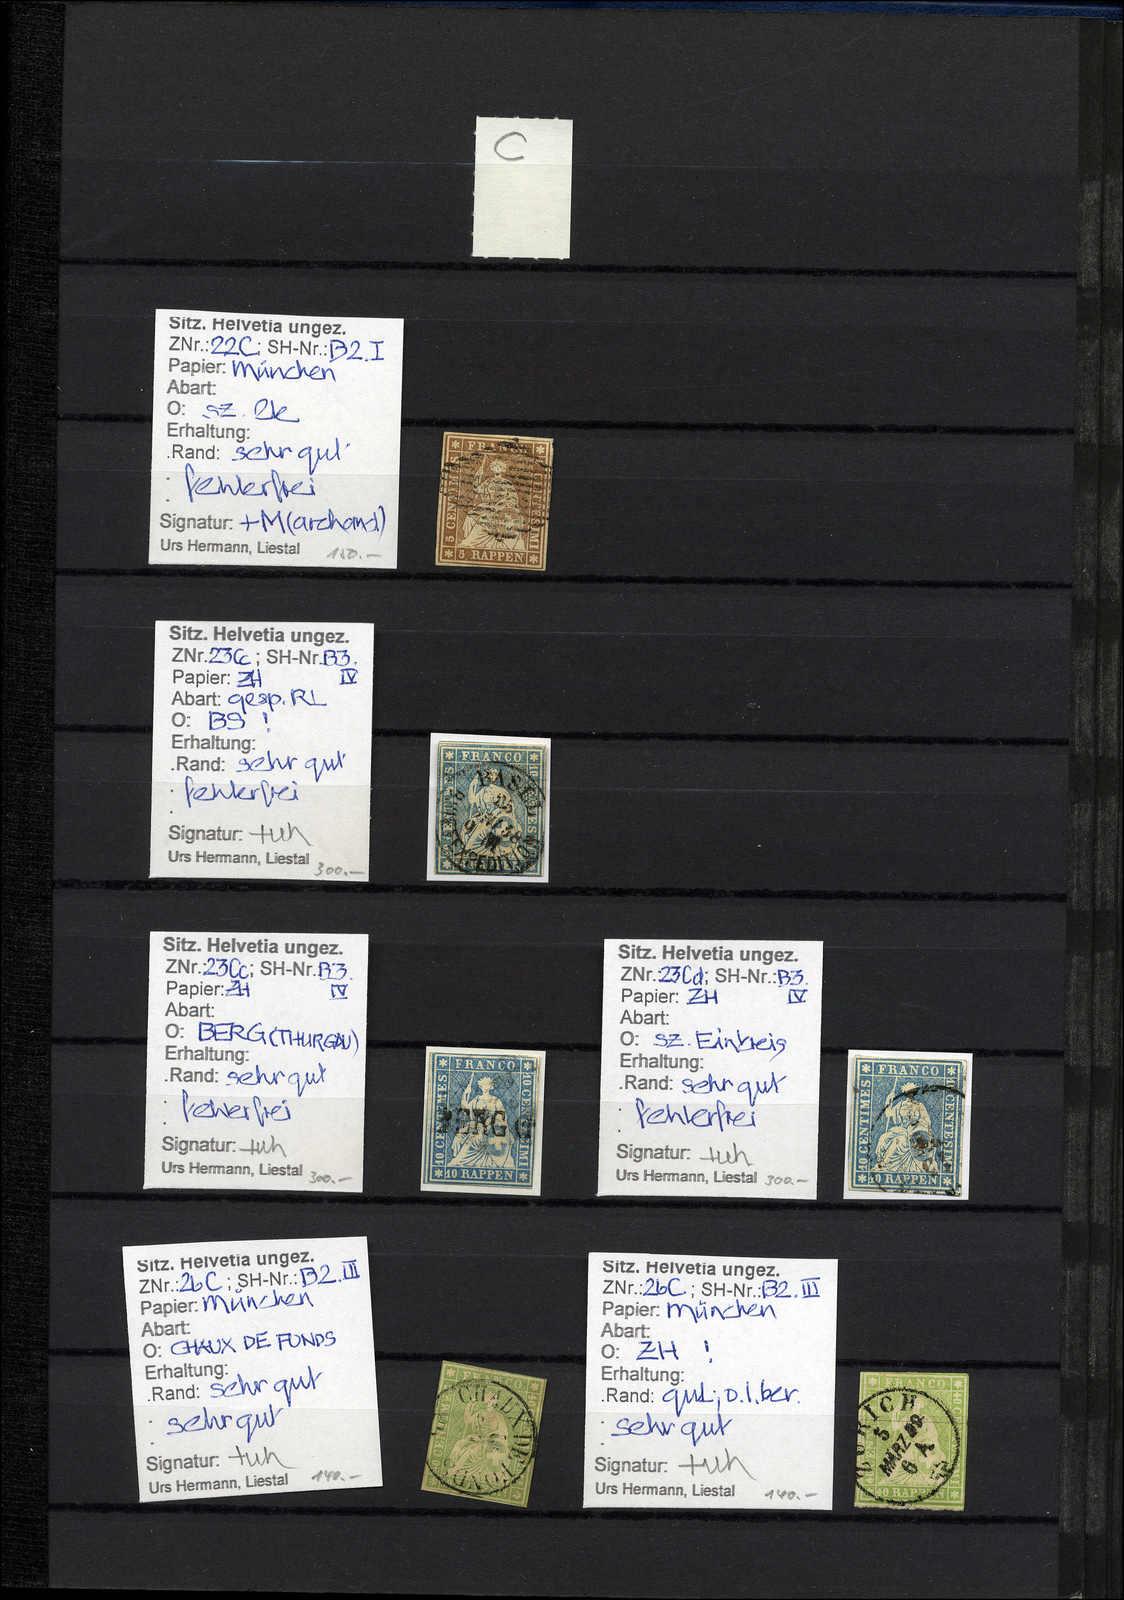 Lot 43 - sammlungen und posten sammlungen und posten altschweiz -  Rolli Auctions Auction #68 Day 1